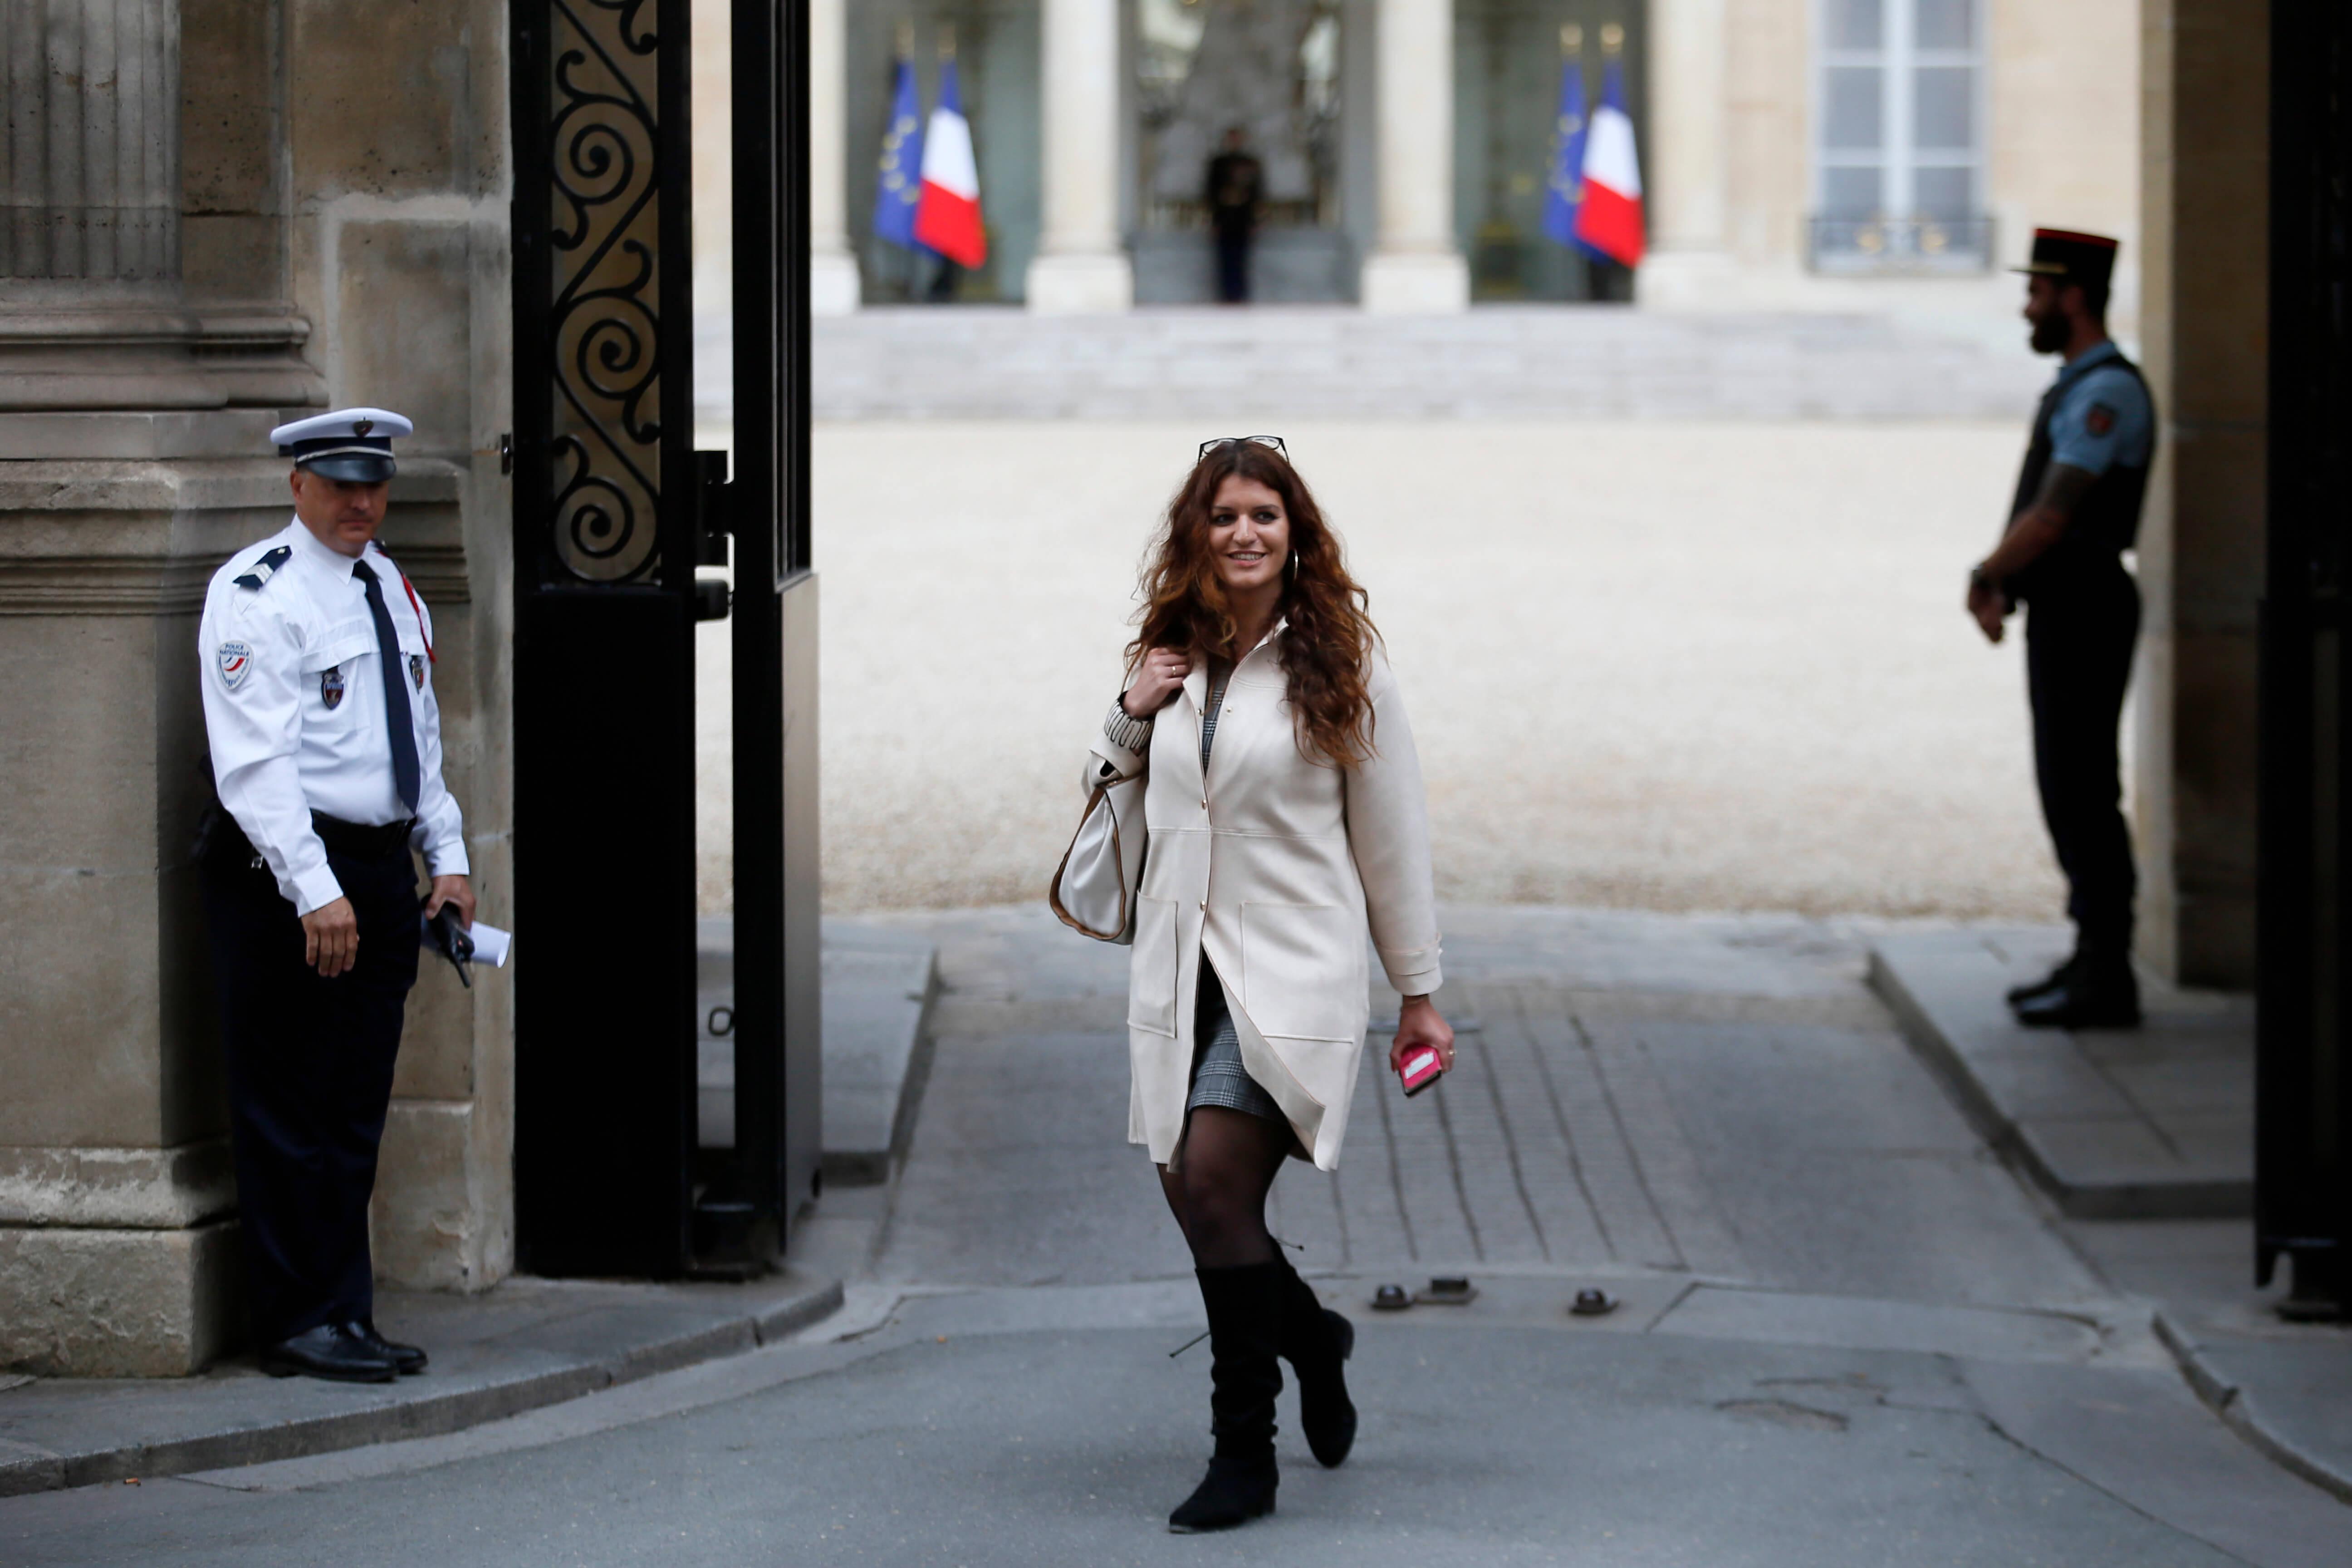 Francia aprueba ley que multa acoso sexual en público